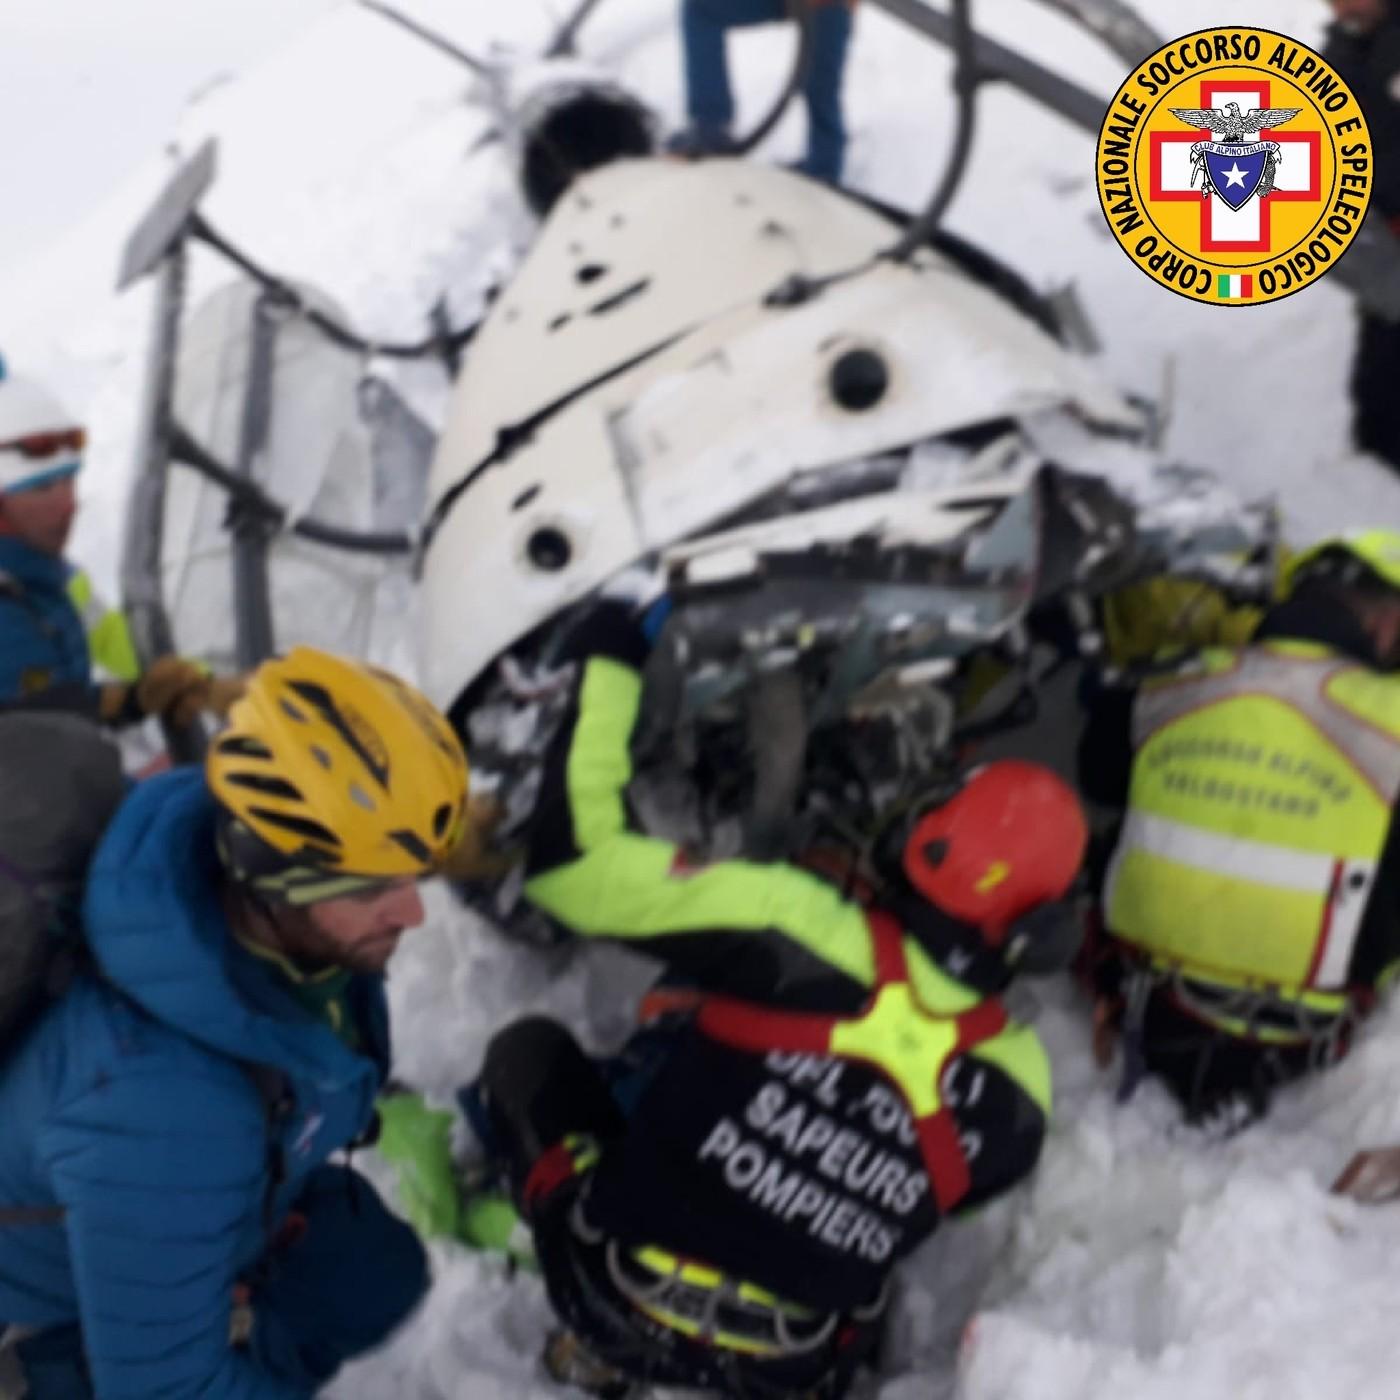 Aosta, salgono a 7 le vittime dell'incidente fra elicottero e aereo: fermato il pilota